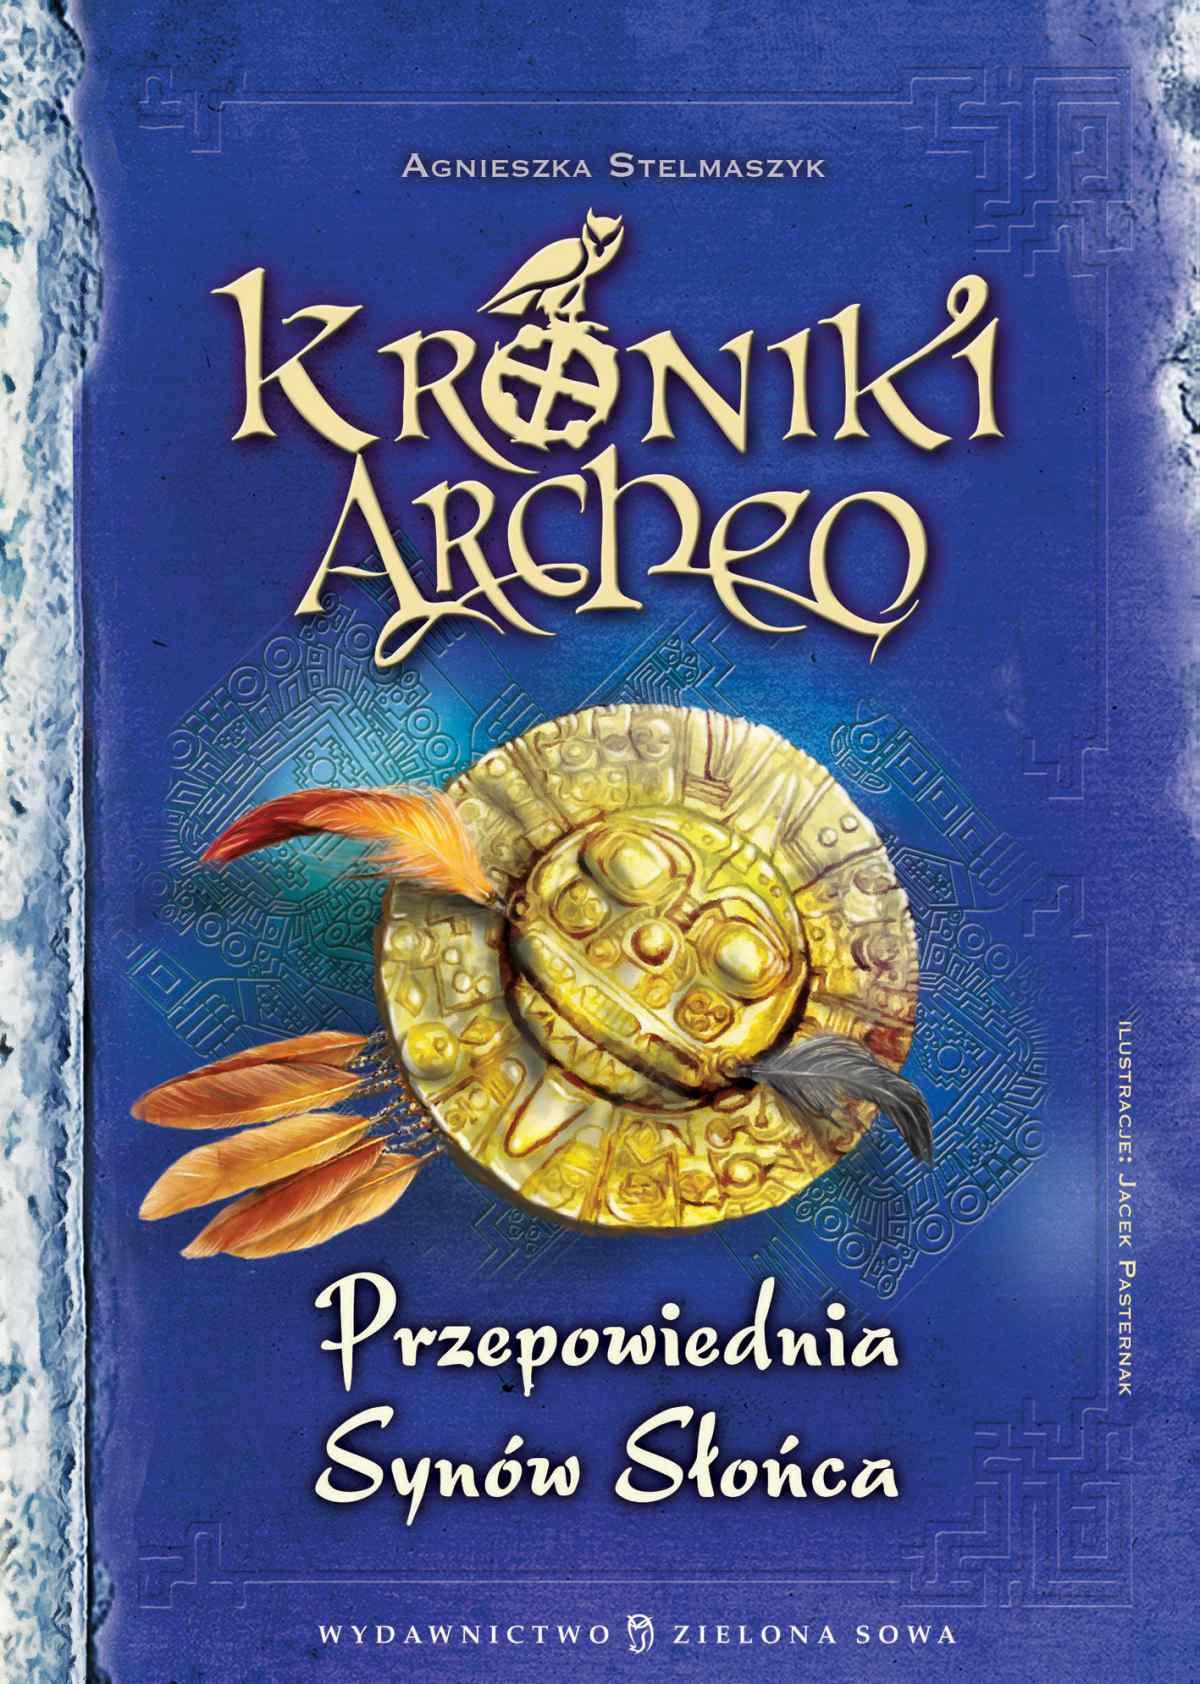 Kroniki Archeo: Przepowiednia Synów Słońca - Ebook (Książka na Kindle) do pobrania w formacie MOBI